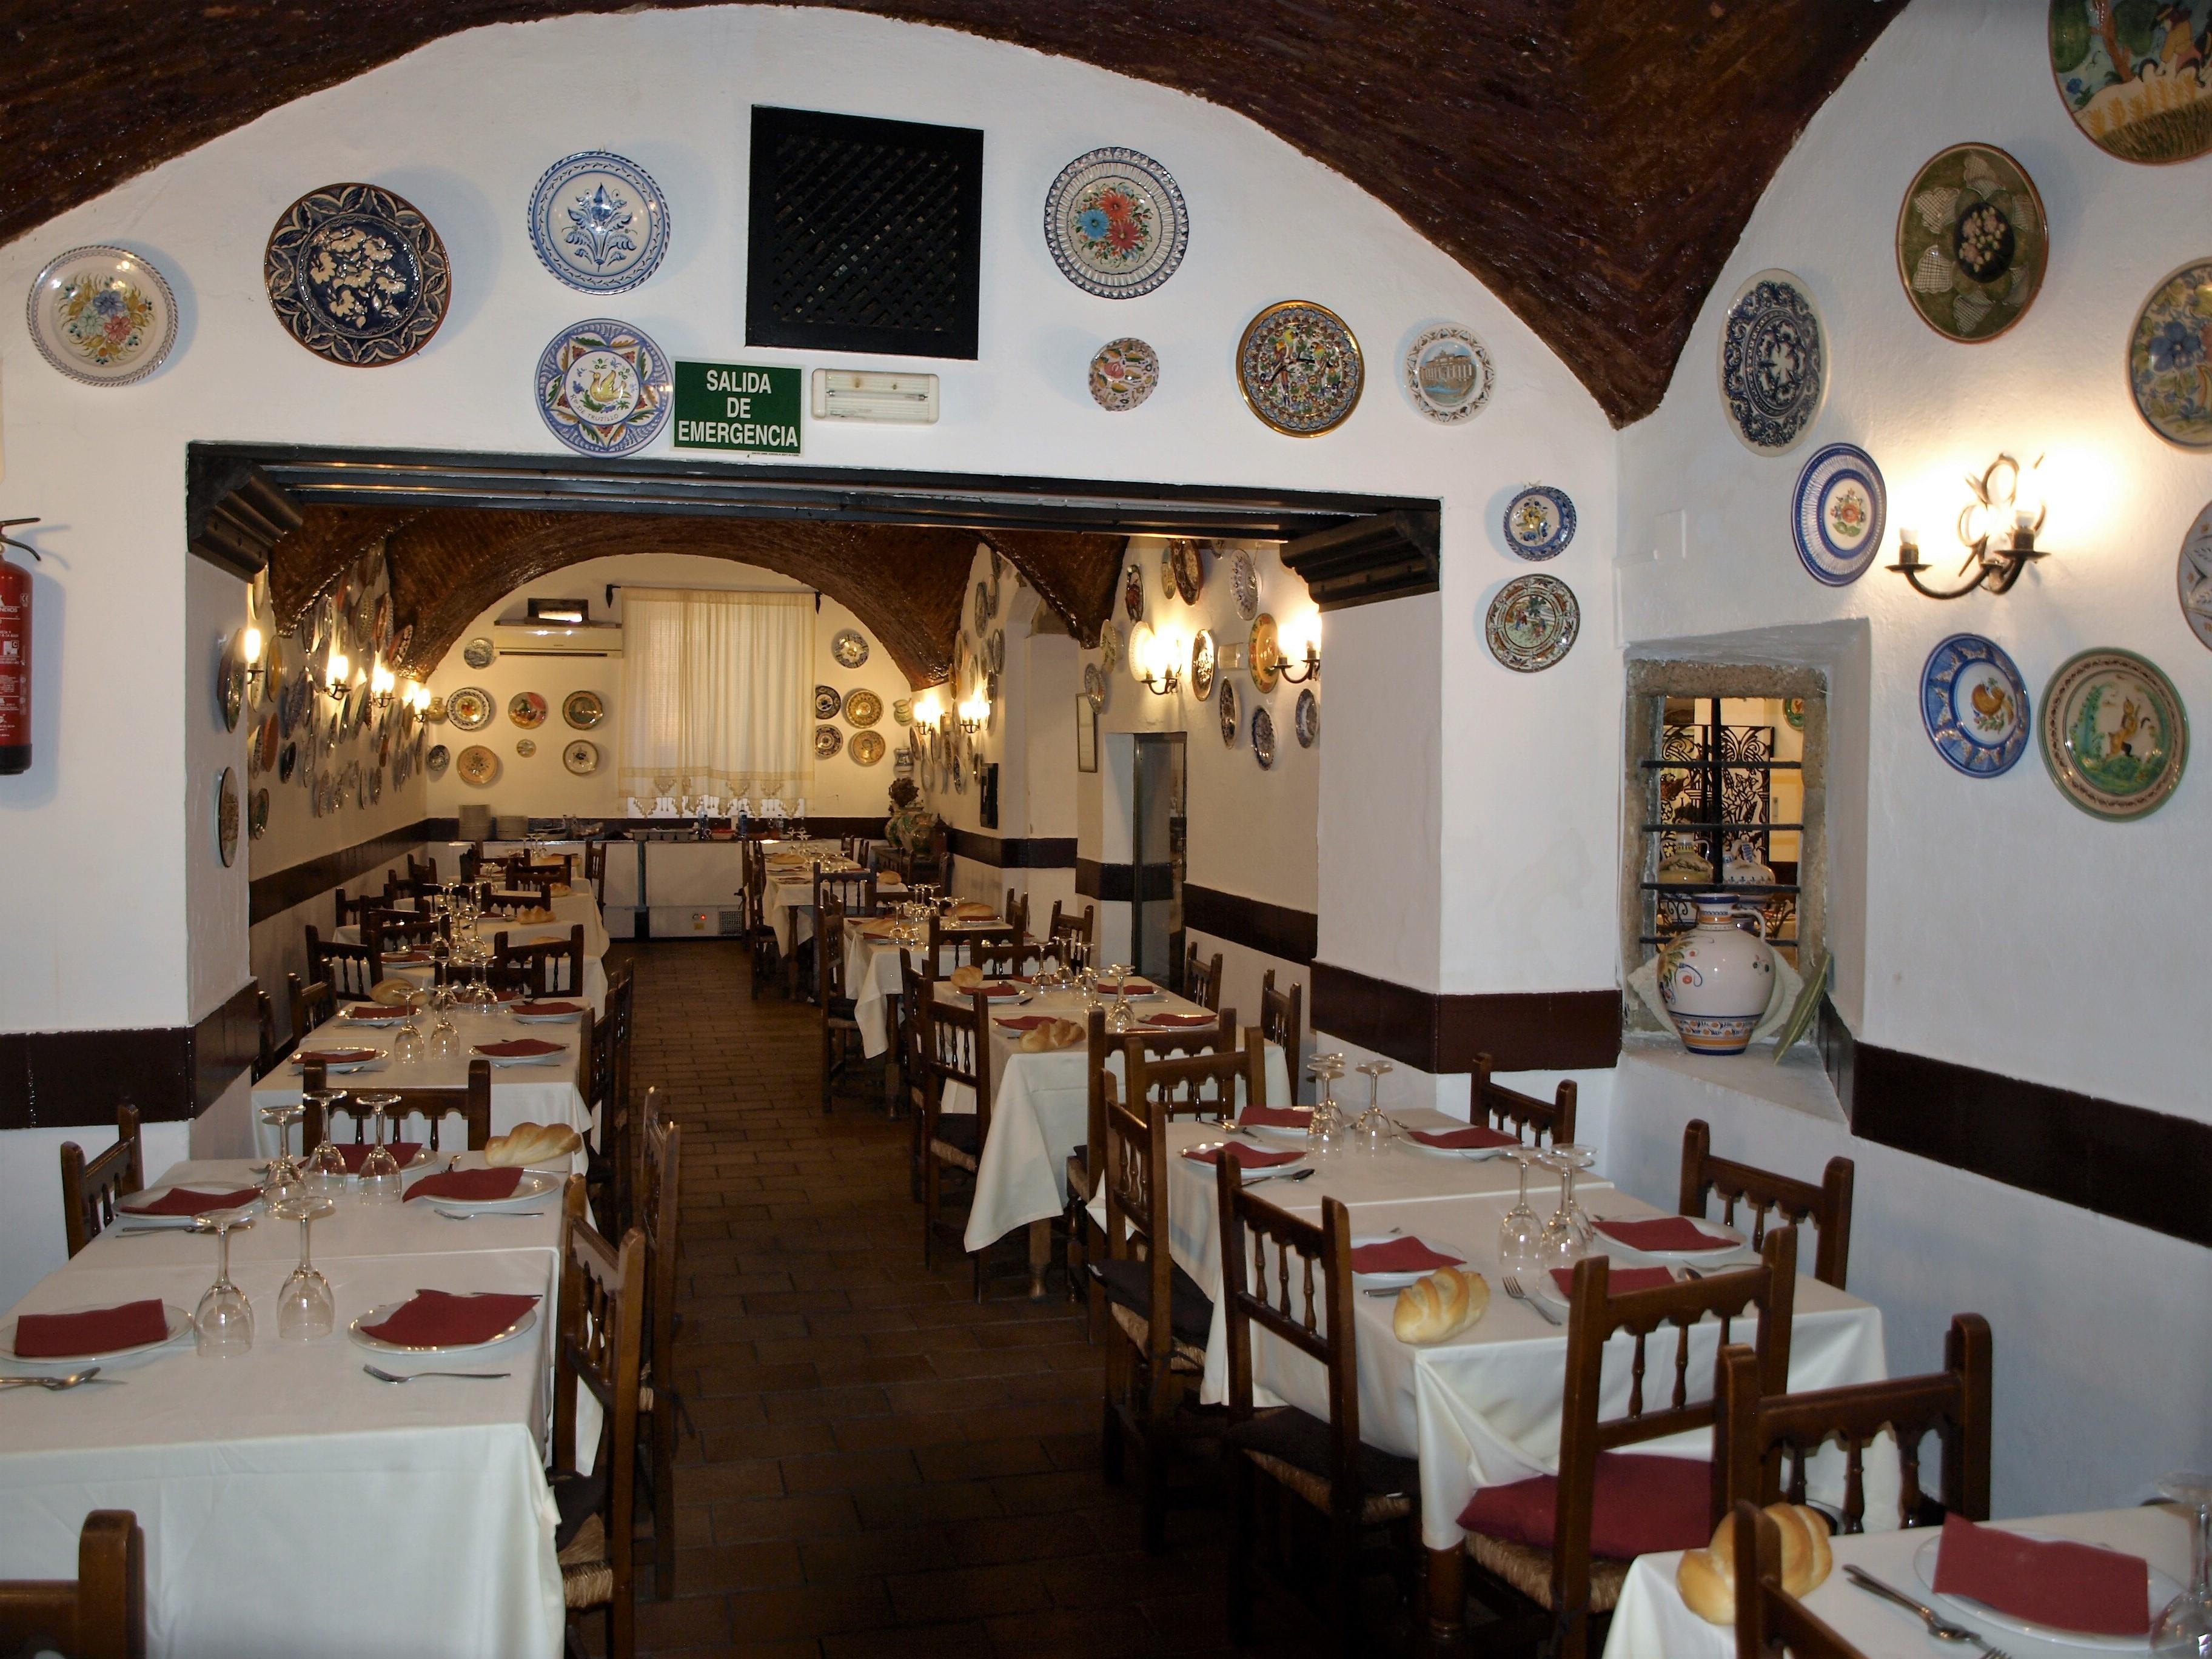 Restaurante en Trujillo La Troya sitio pintoresco